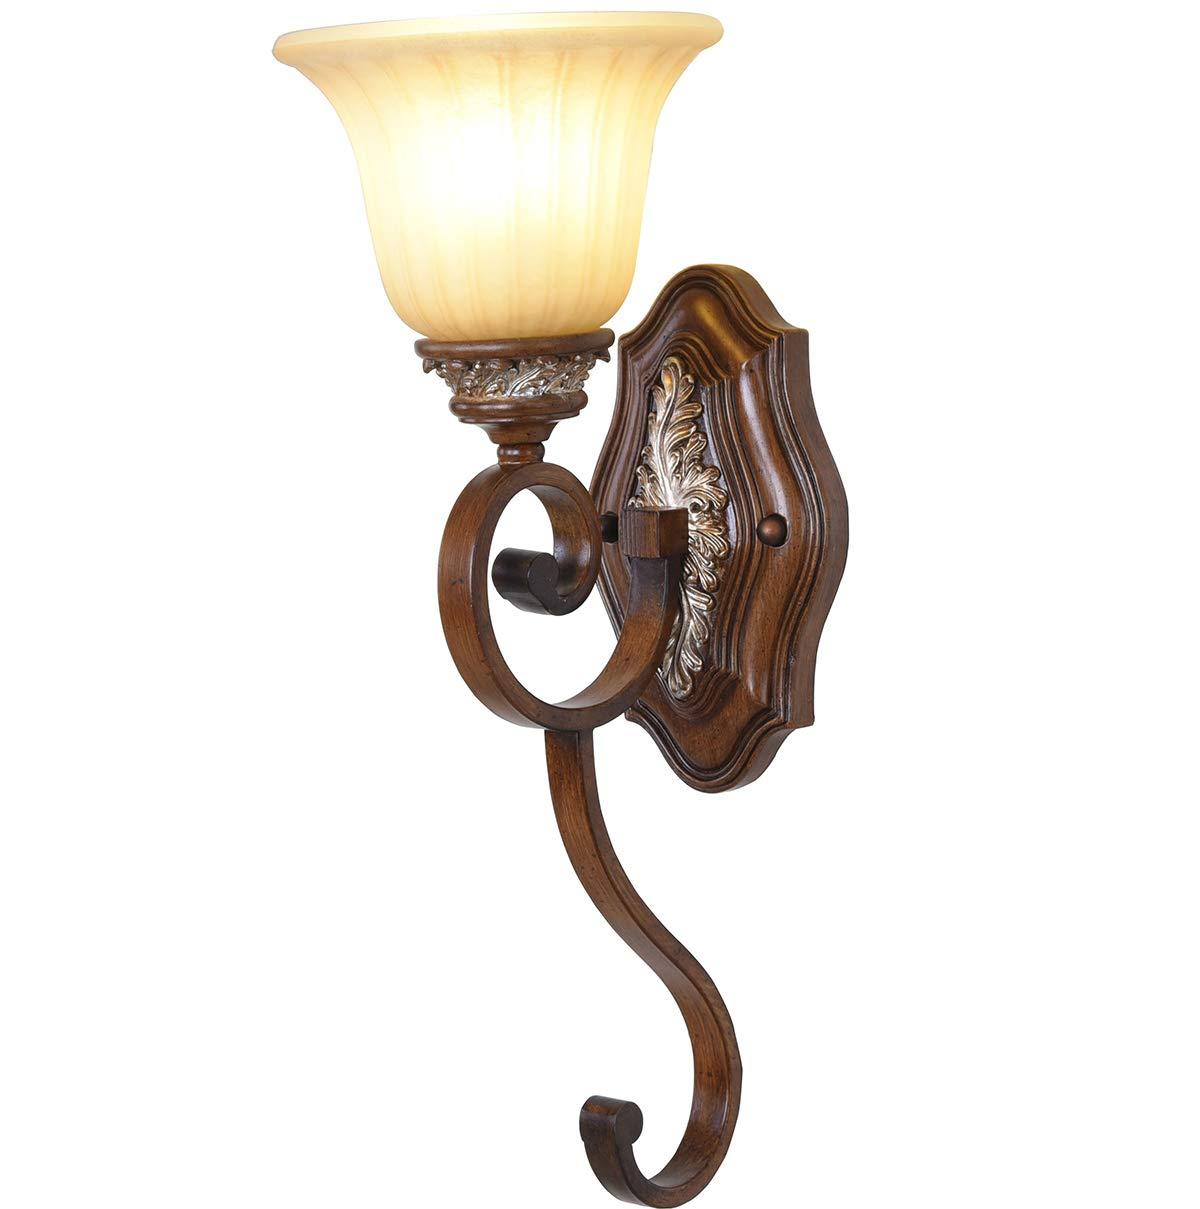 Vintage-Wandlampe, Schmiede Leichtes Körper-Hilfsmaterial  Harz-Wand-Licht-Spiegel-Scheinwerfer Zimmer Nachtlampe Glasschatten Wohnzimmer Innenwand Spotlight110v-220V E27x1 (Ohne Glühbirne),110V